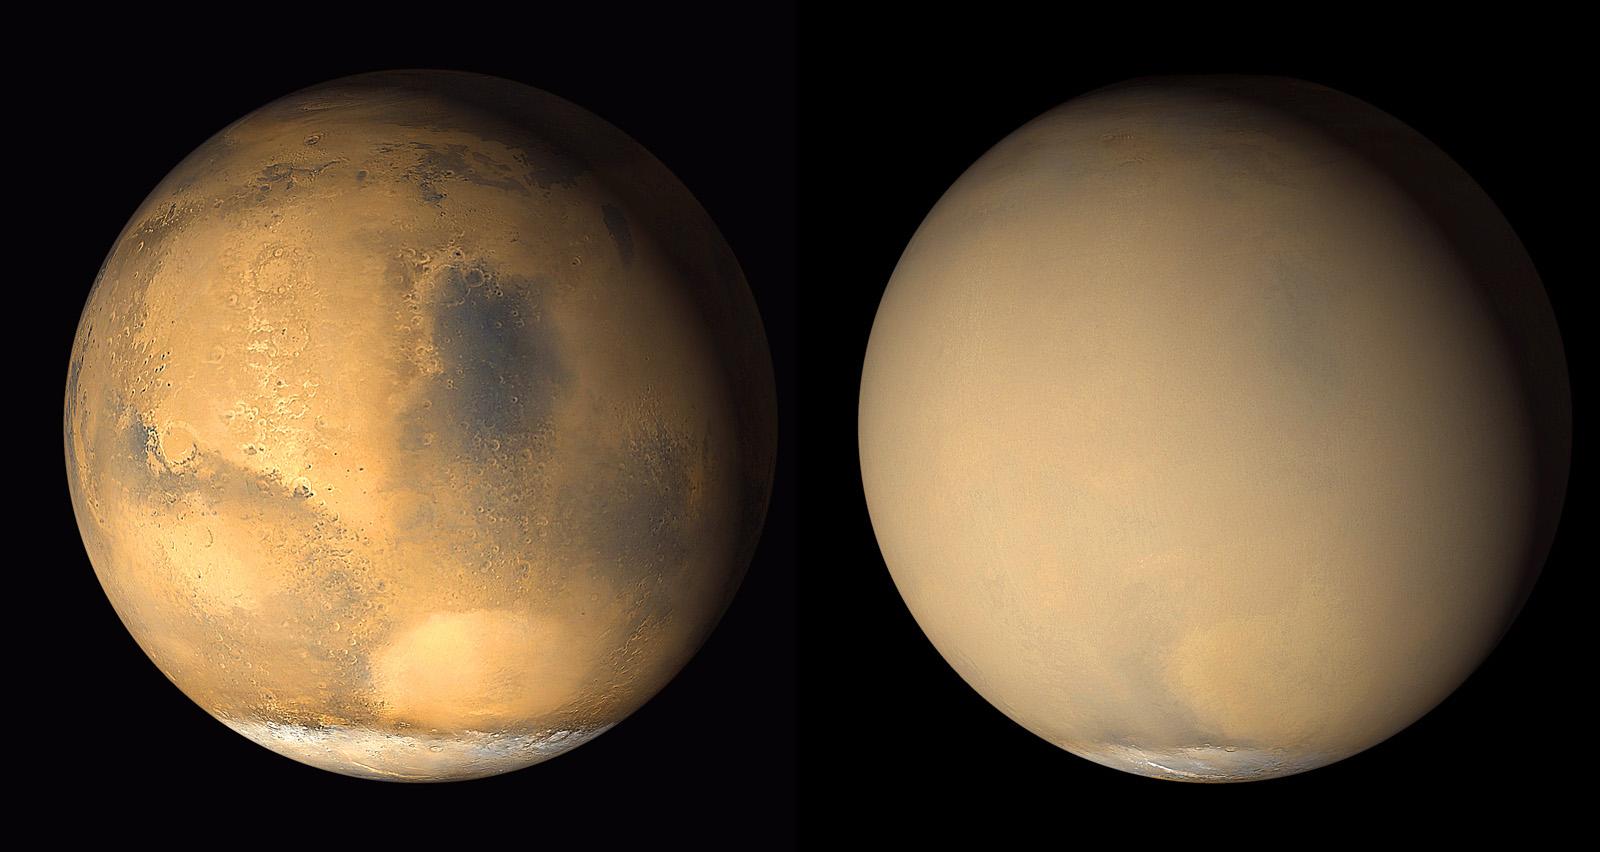 Учёные уверены втом, что через двадцать лет начнётся колонизация Марса